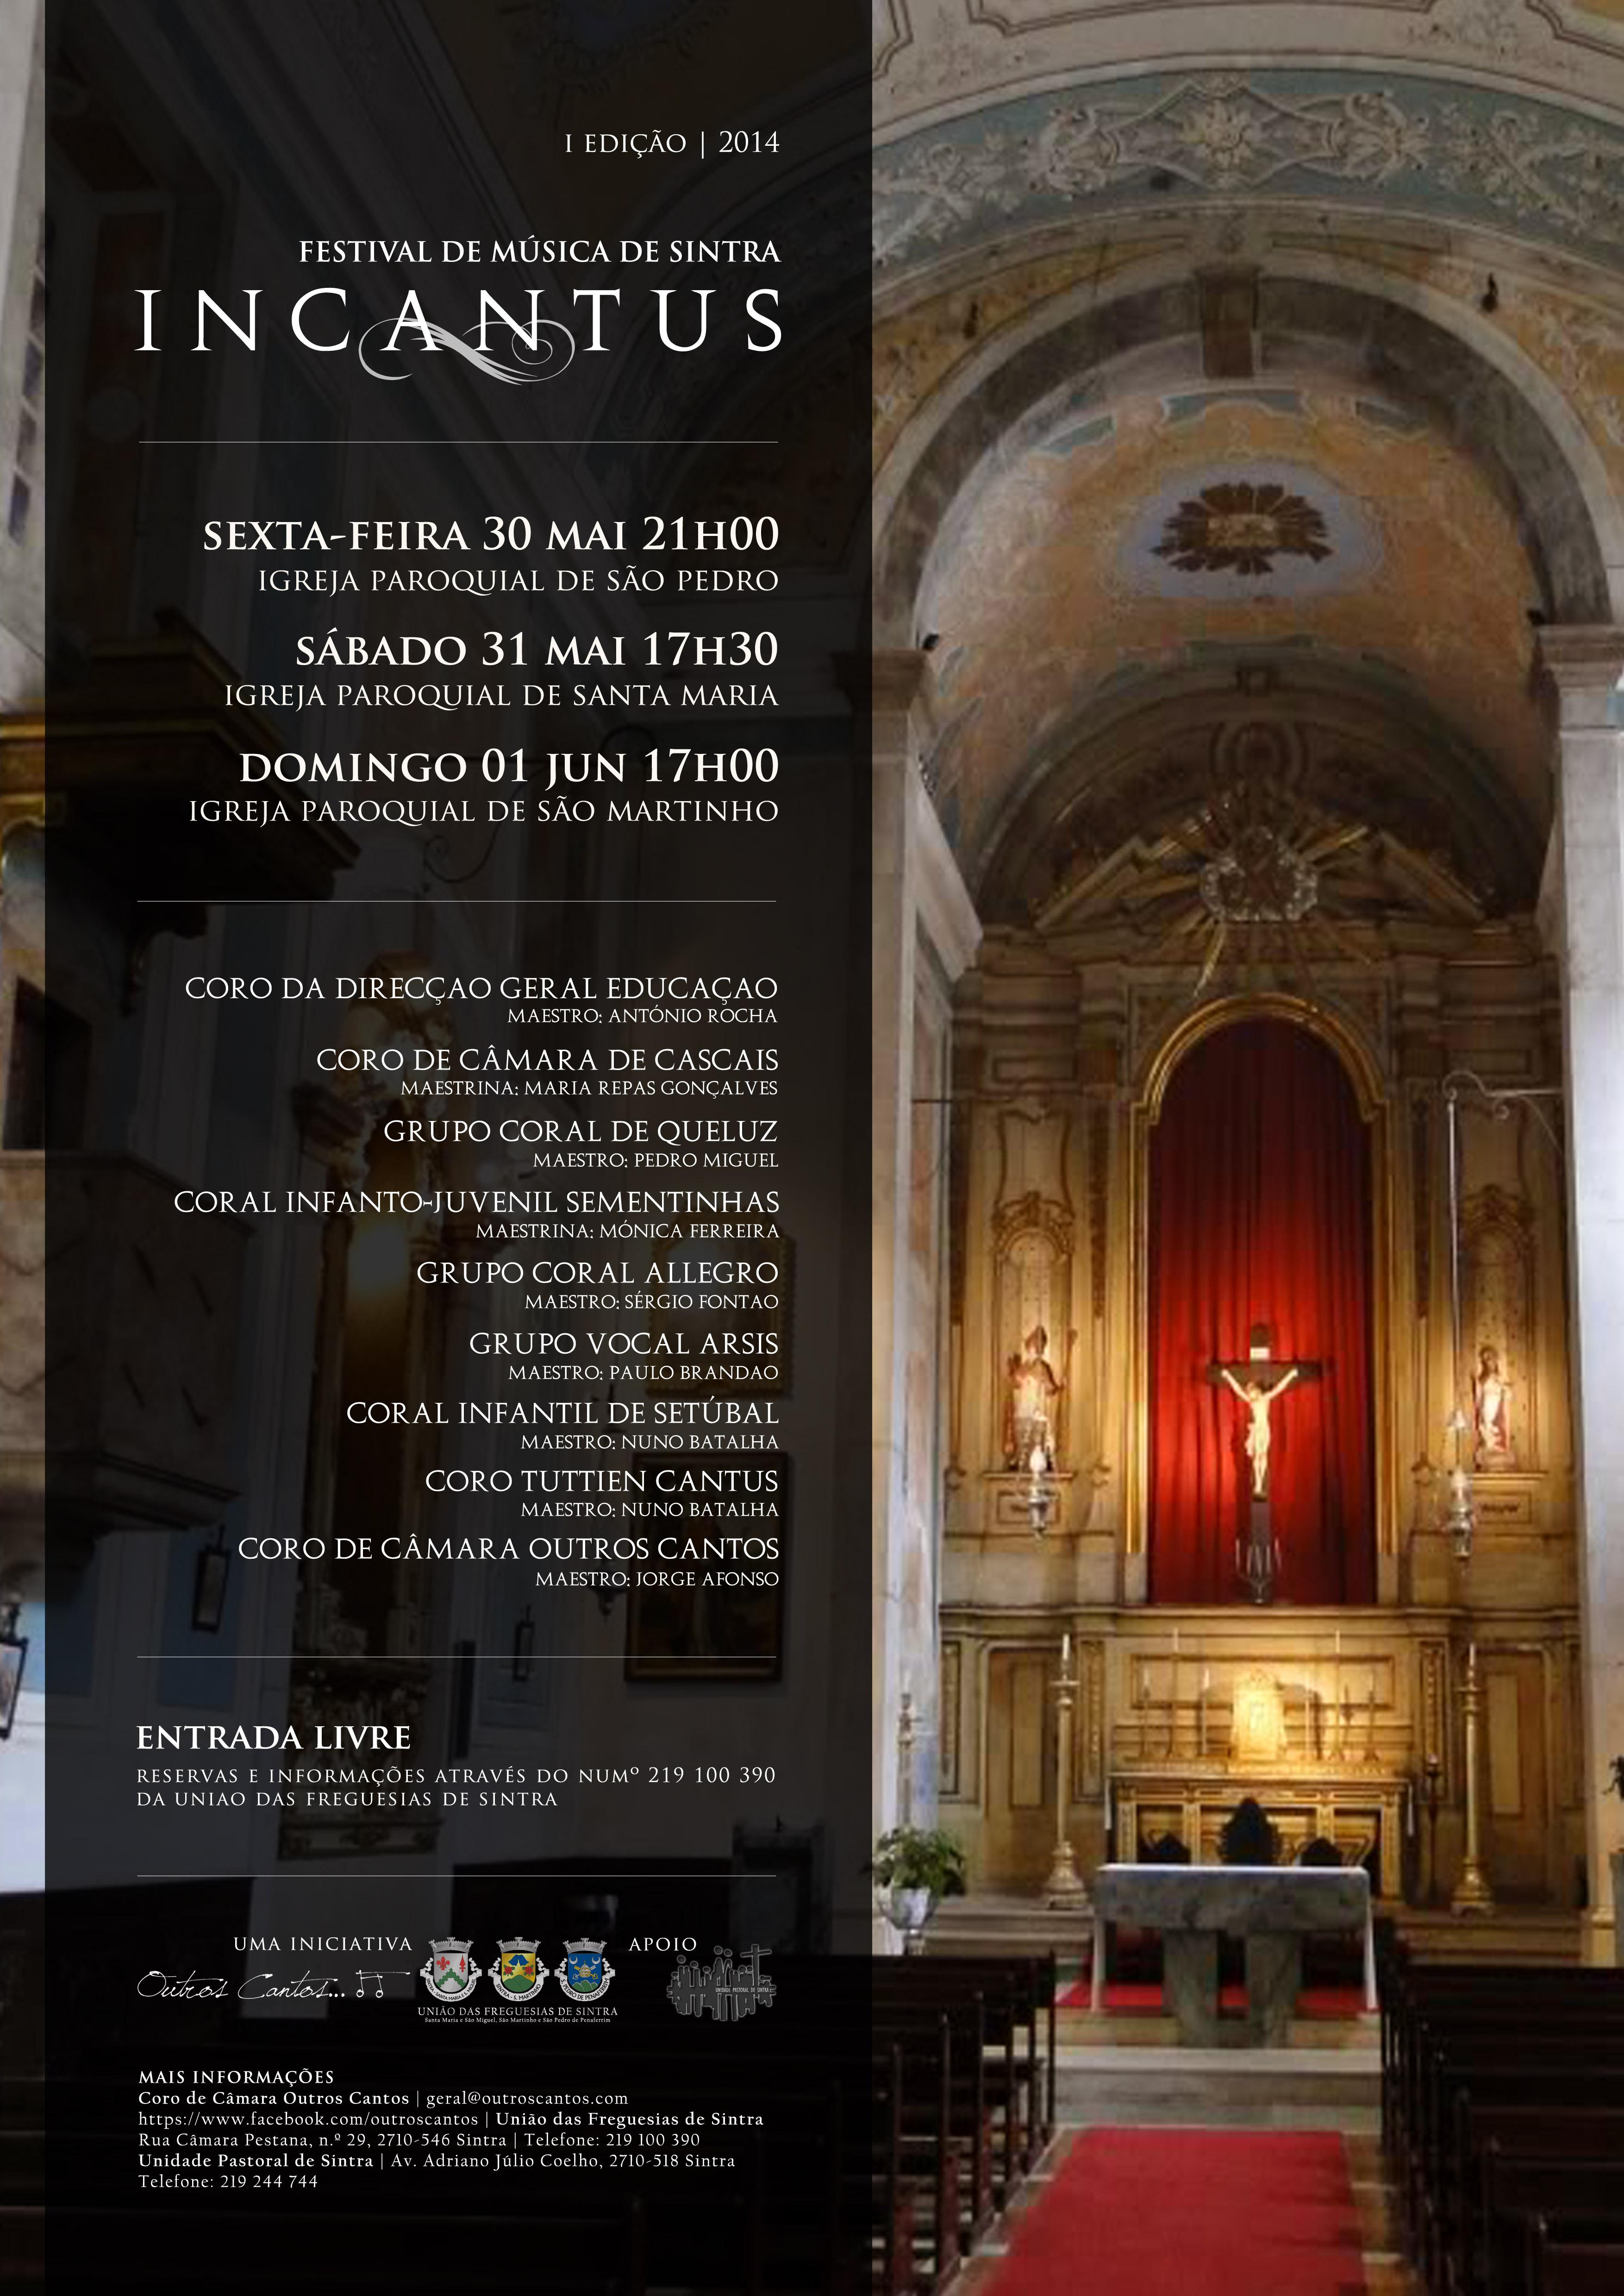 INCANTUS_Cartaz_Igreja_Sao_Martinho